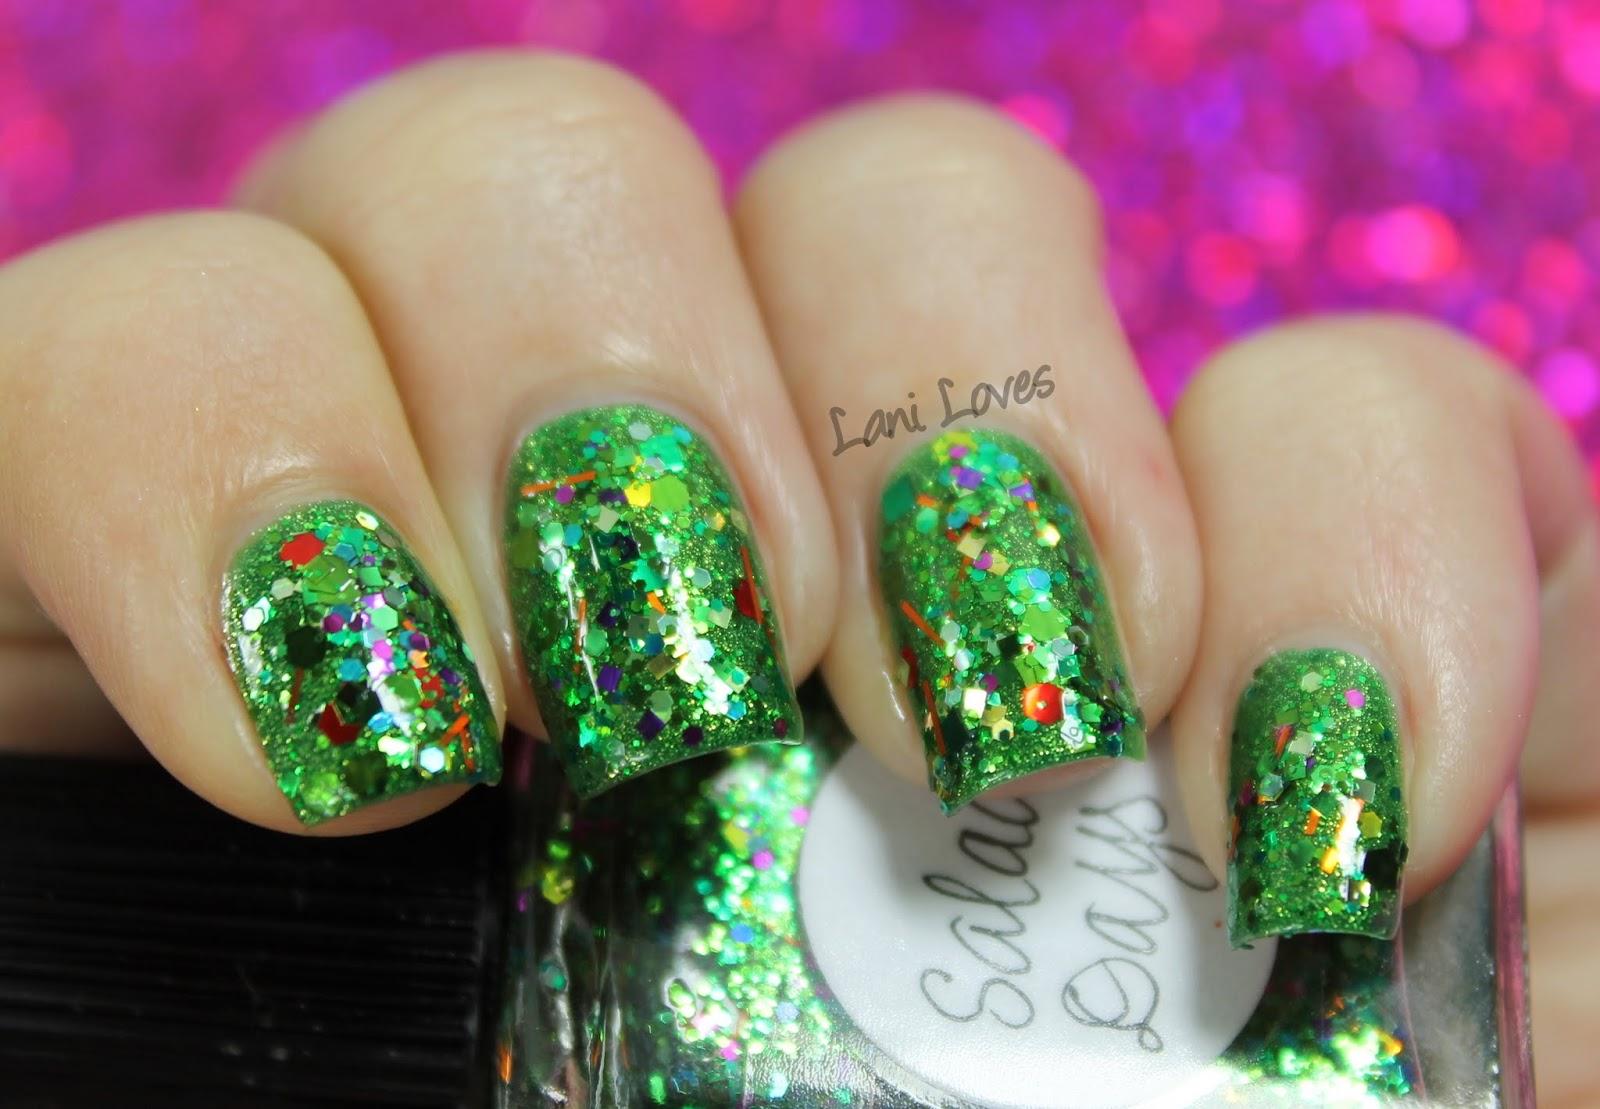 Lynnderella Salad Days nail polish swatch